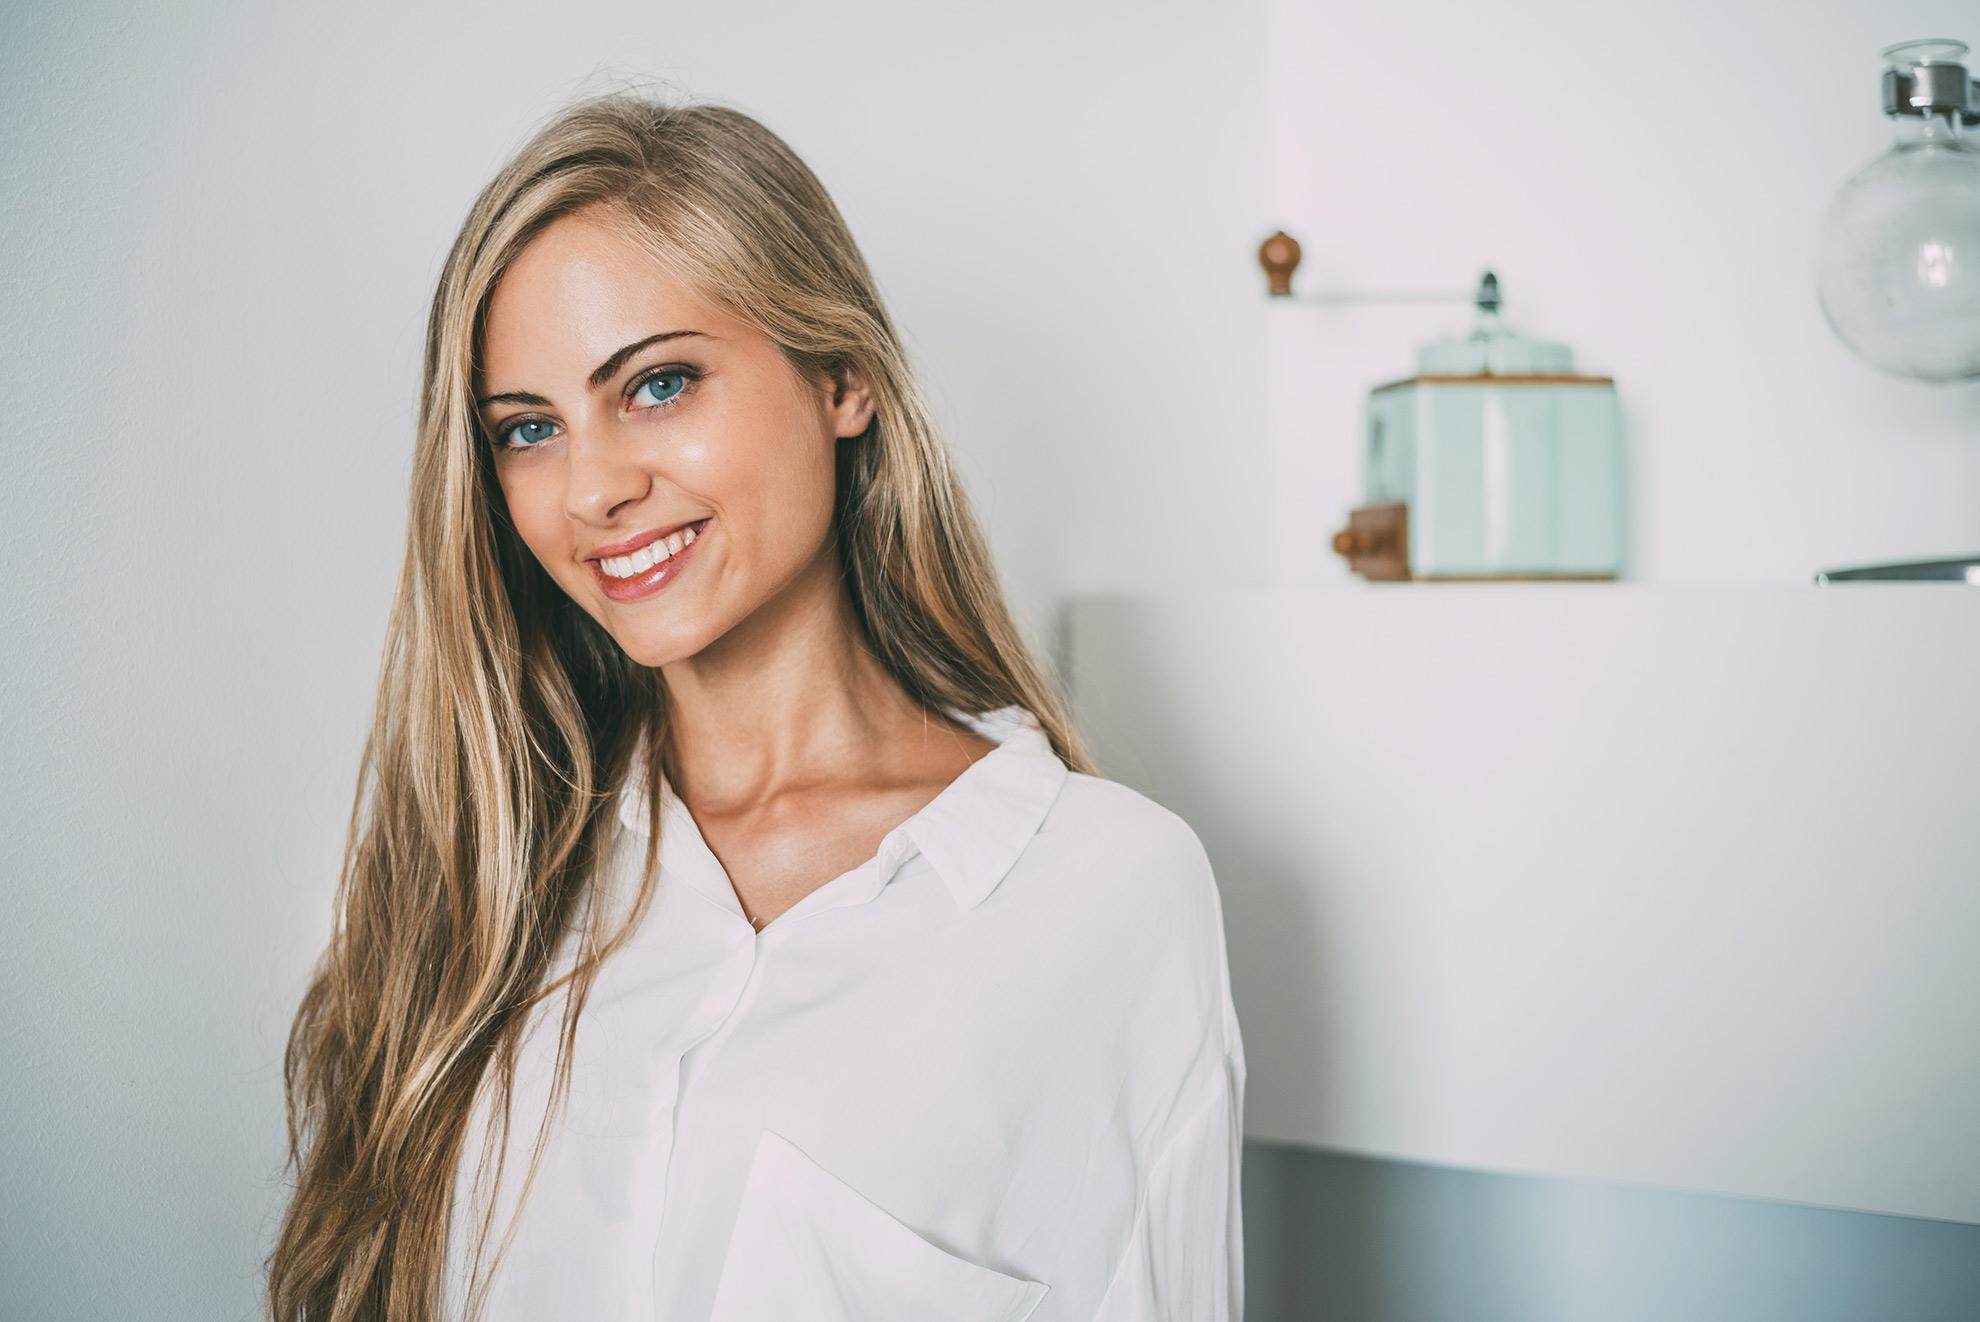 Kobieta o włosach blond, ilustracja do artykułu